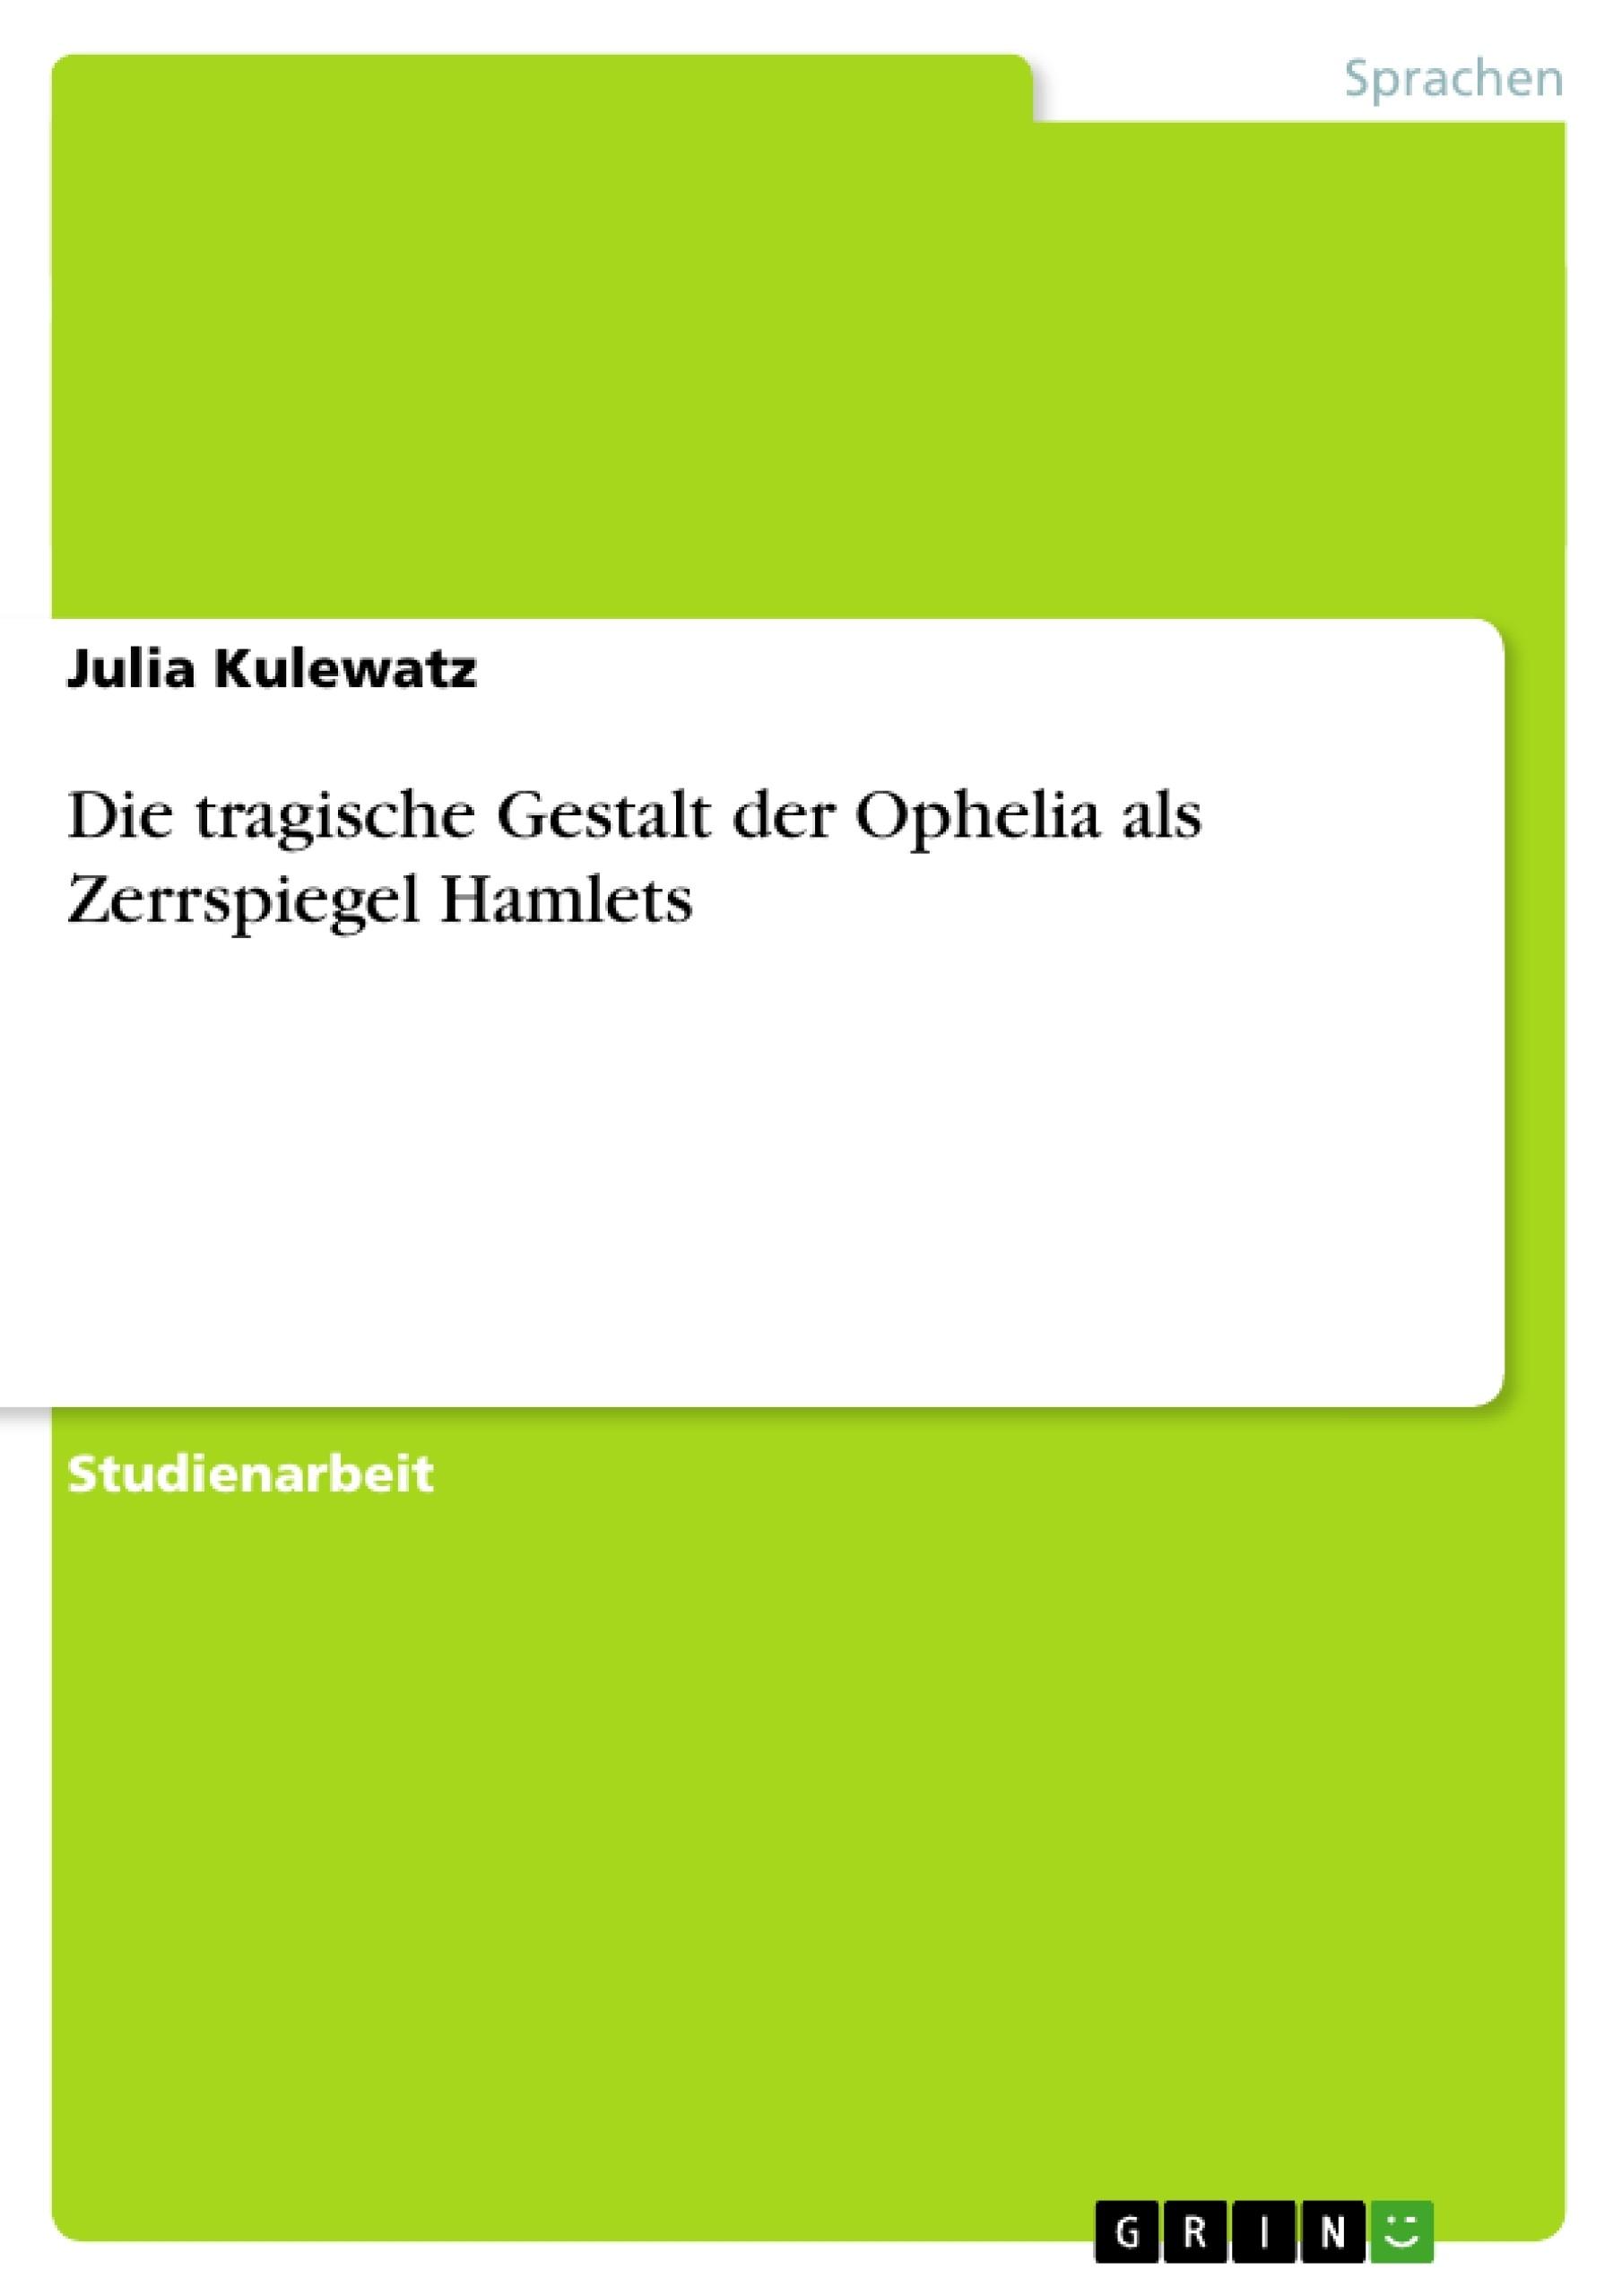 Titel: Die tragische Gestalt der Ophelia als Zerrspiegel Hamlets